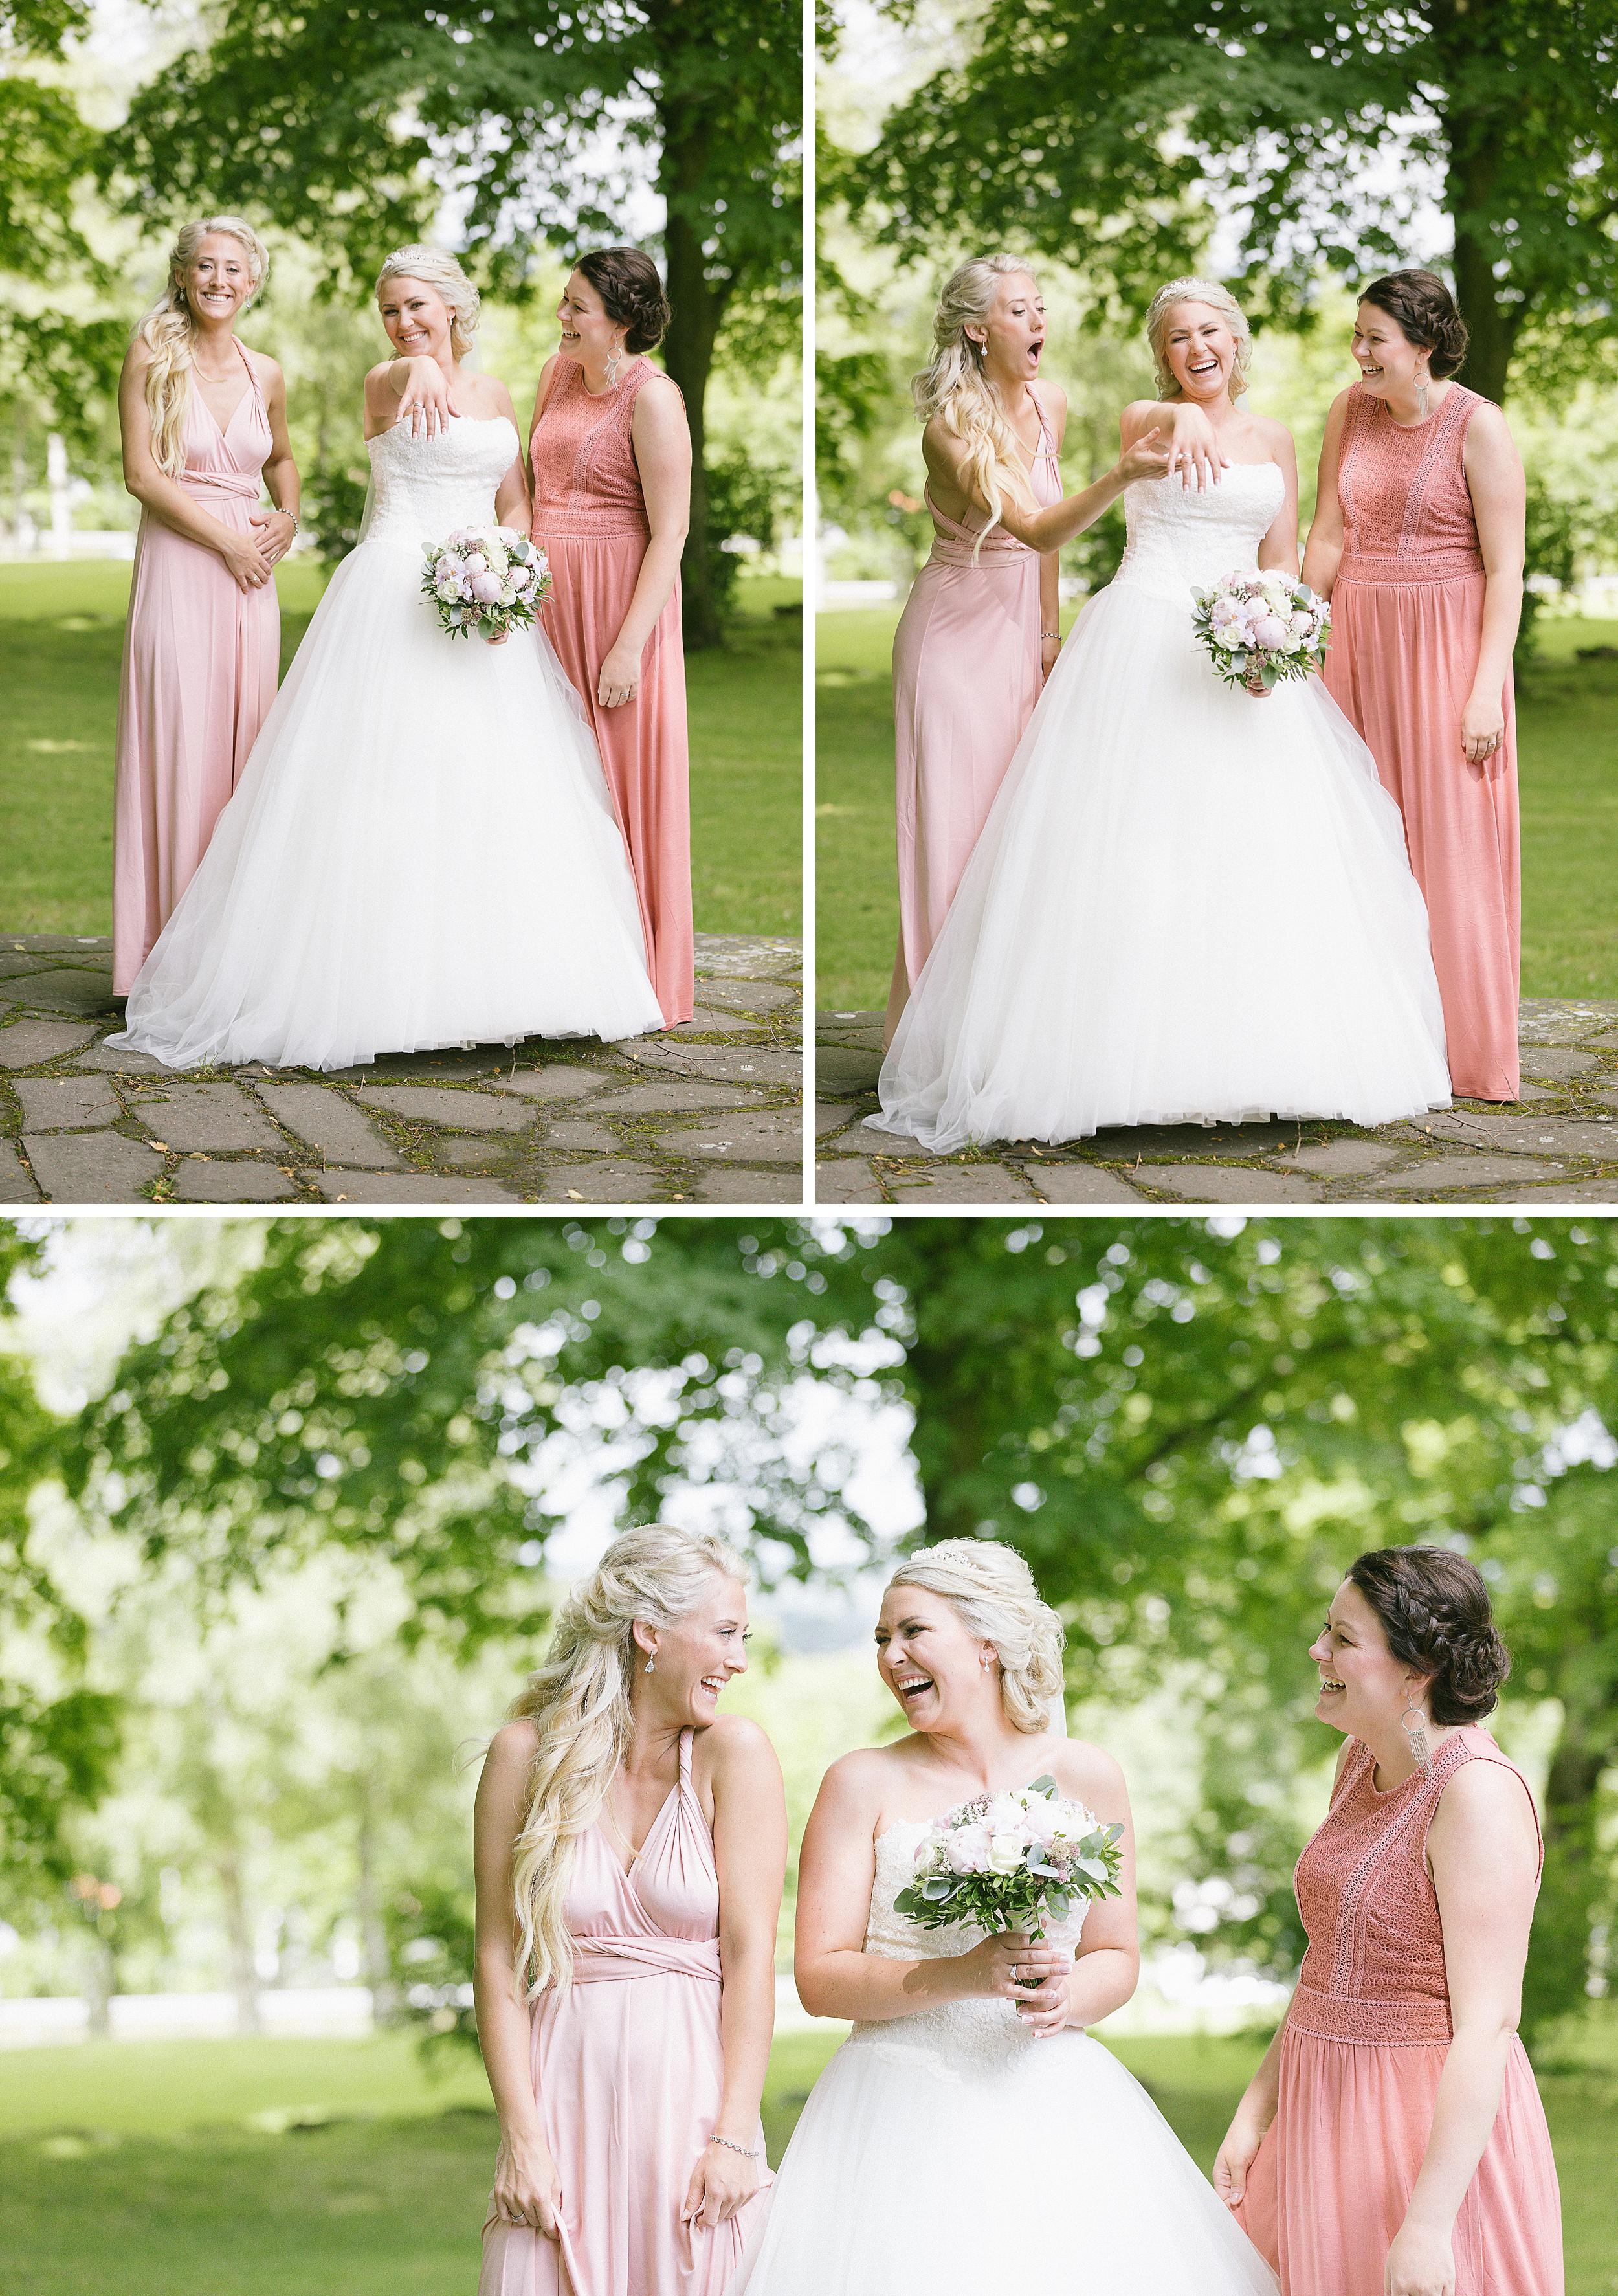 Heldags-bryllupsfoto-june-thomas_0034.jpg